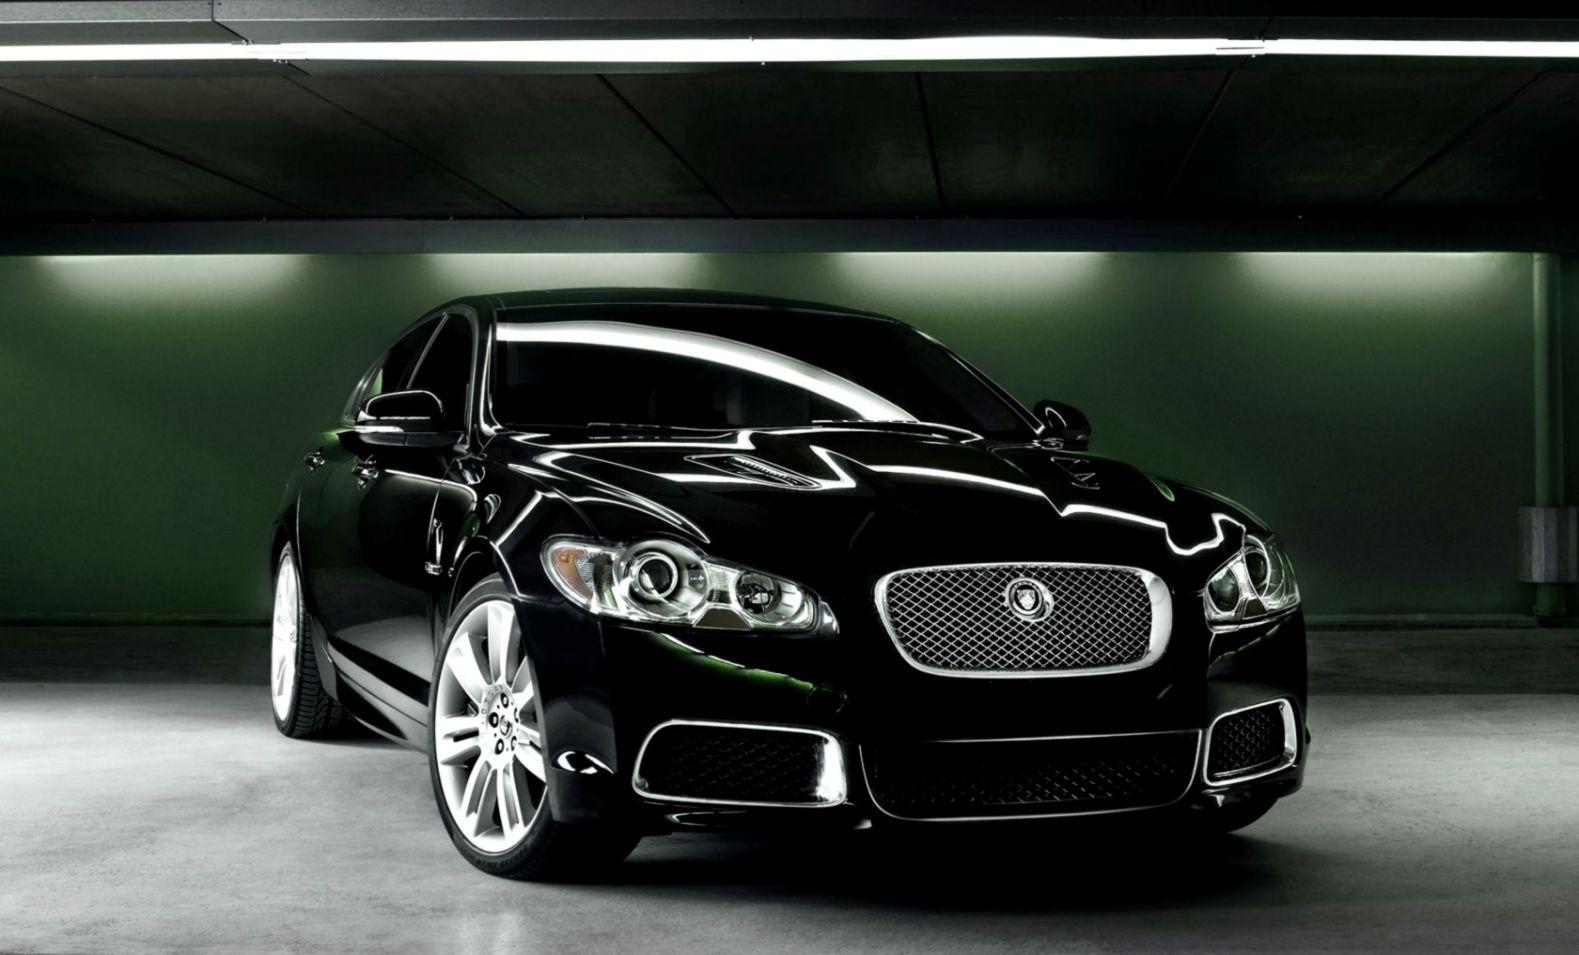 Jaguar Cars Wallpapers Wallpapers Plain